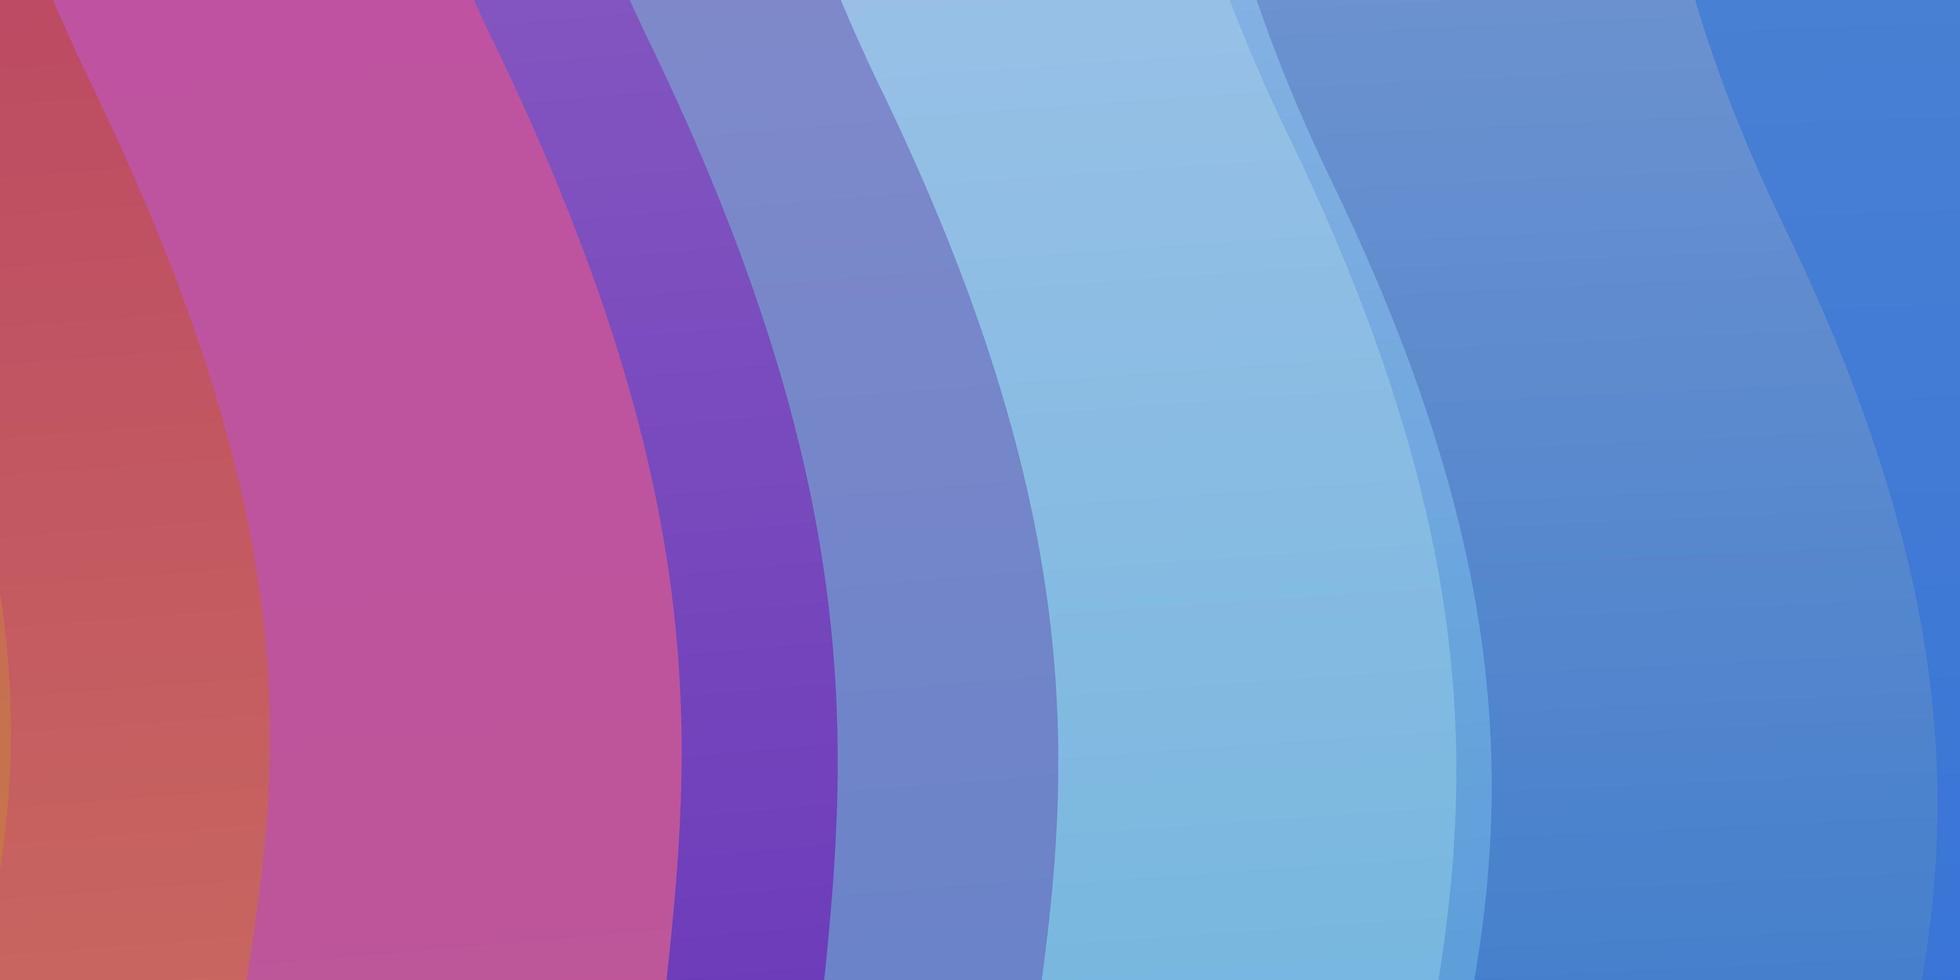 padrão de vetor azul e vermelho claro com linhas irônicas.